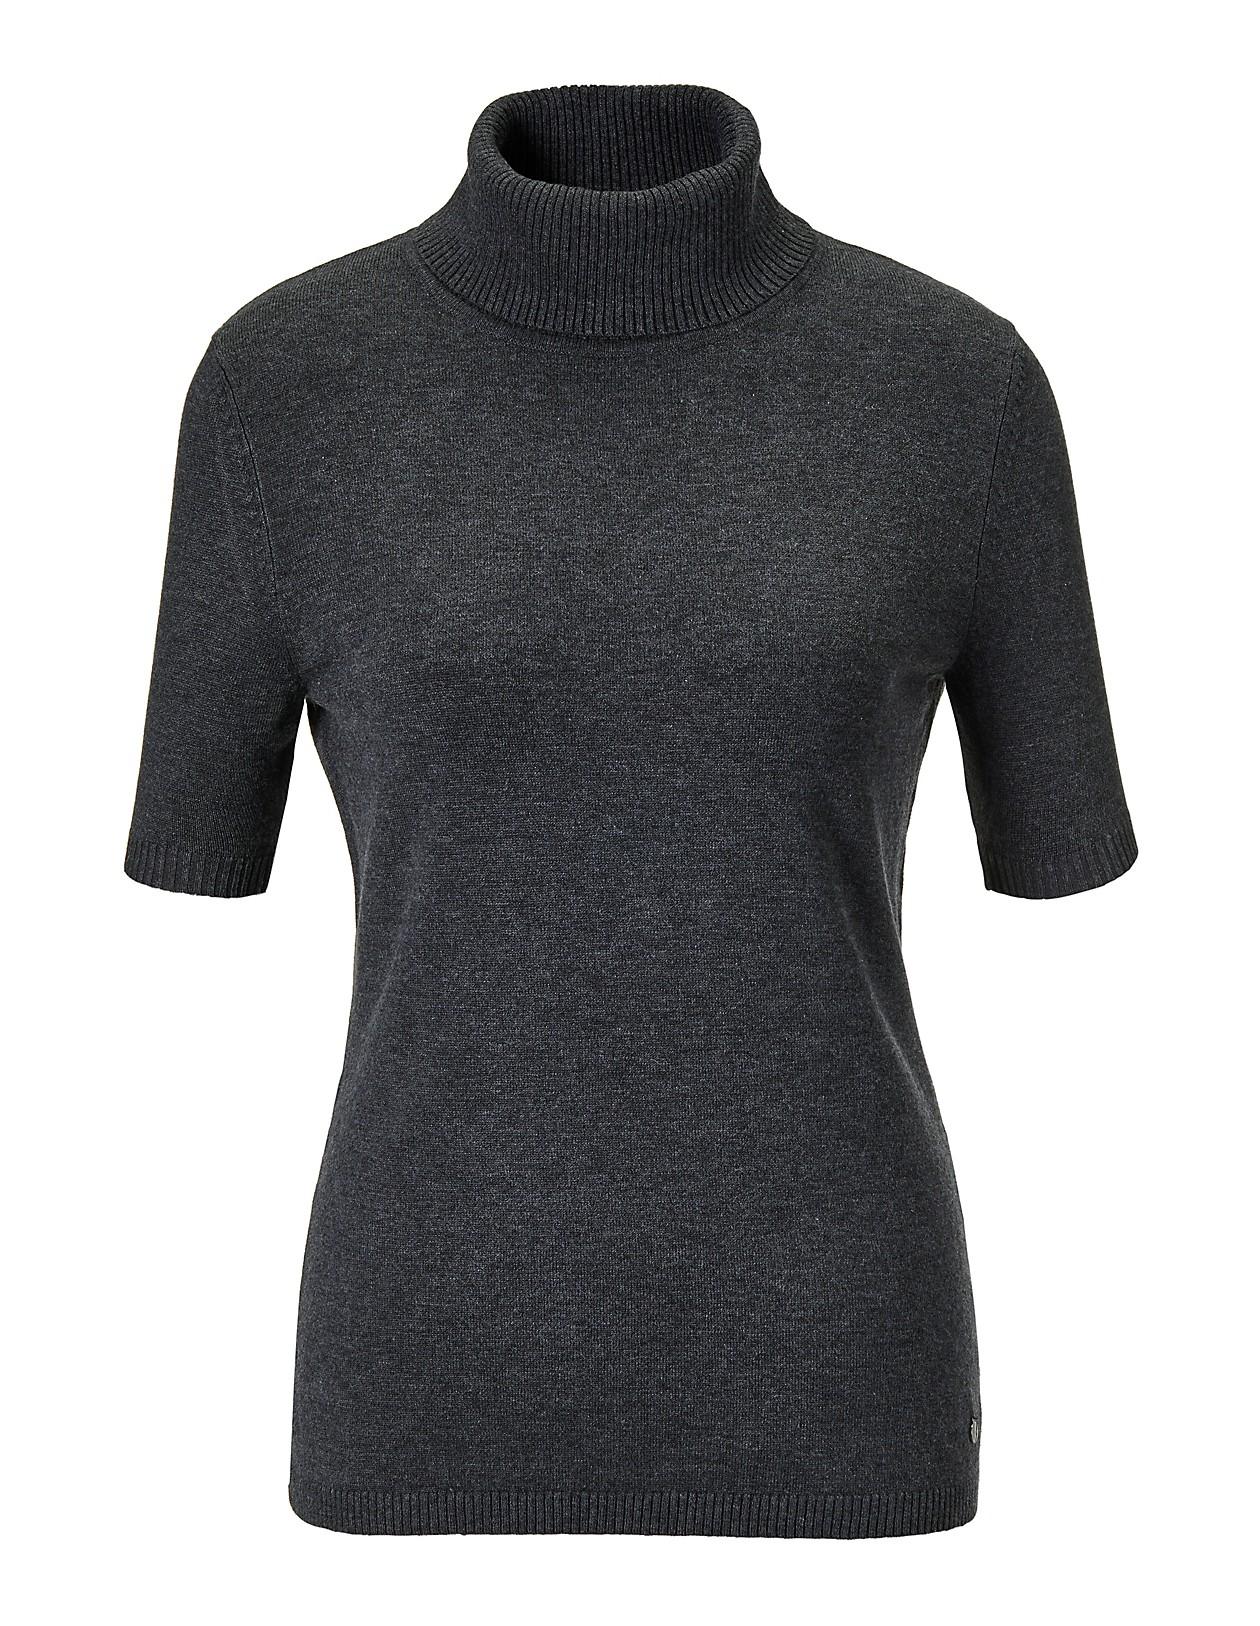 Qualität verfügbar heißester Verkauf Rollkragenpullover mit kurzem Arm, grau/melange, grau ...